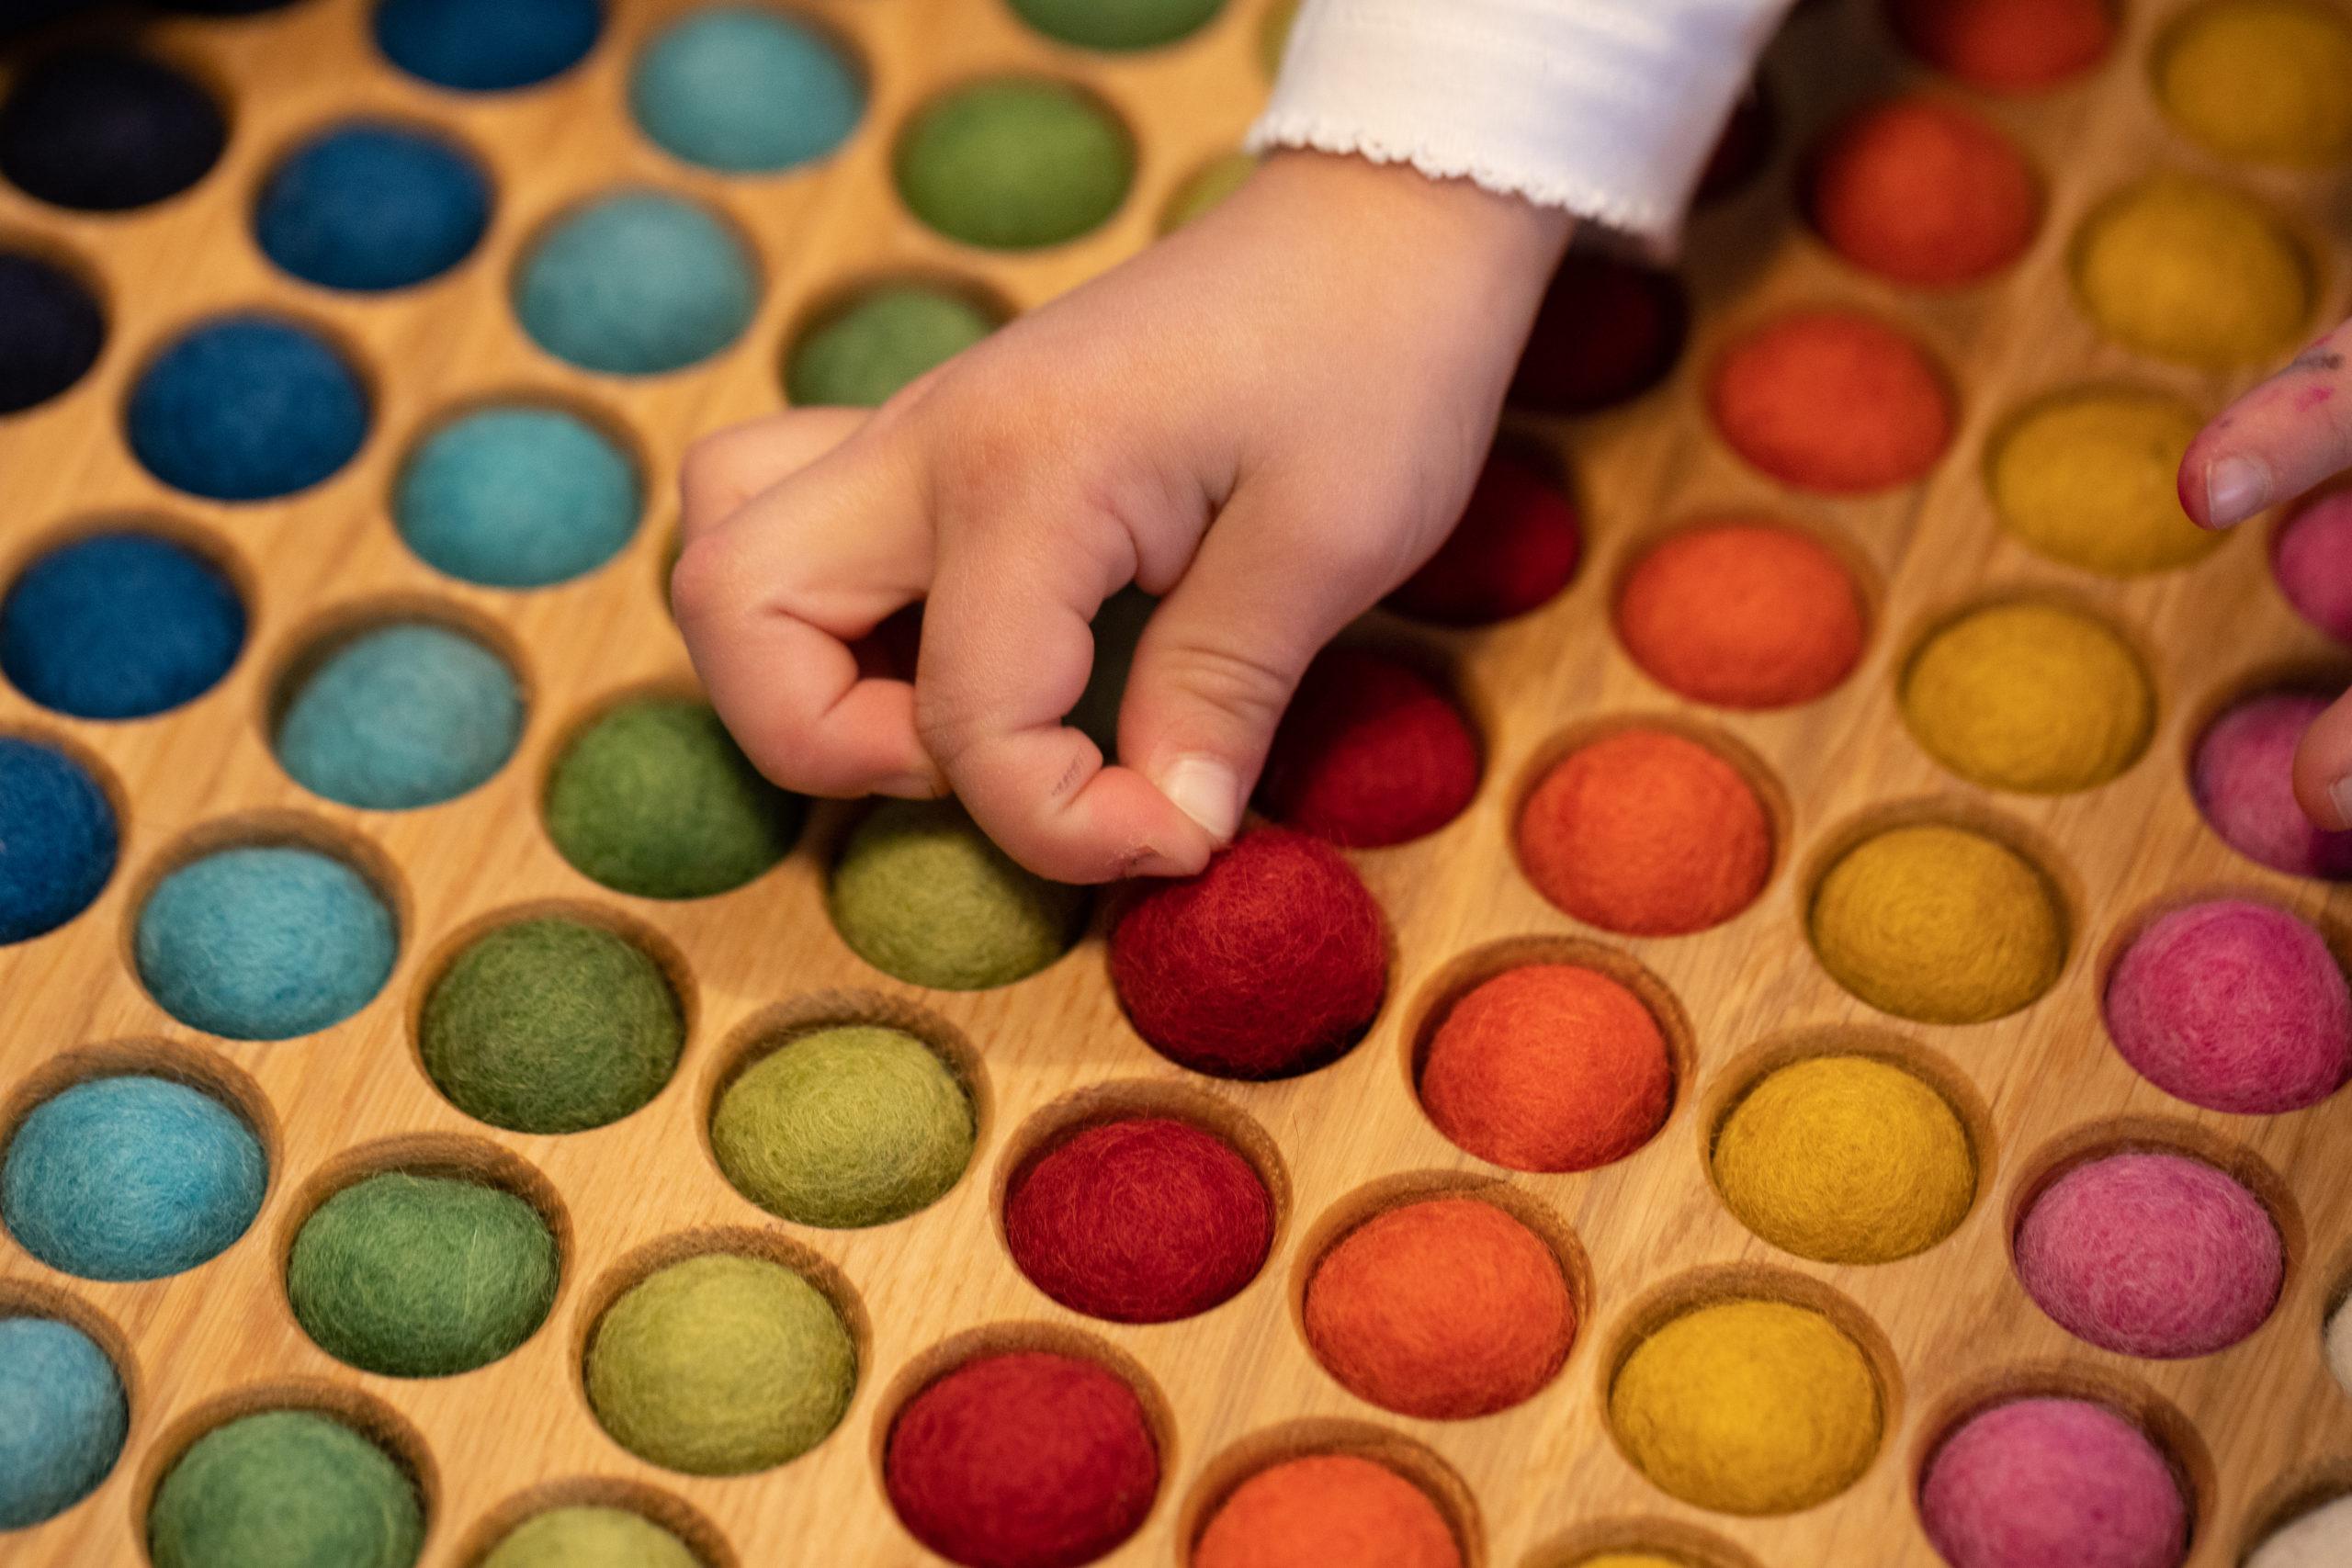 © Romanswerk – das Farbenspiel fördert u.a. die Kreativität und die Feinmotorik bei Kindern und Erwachsenen